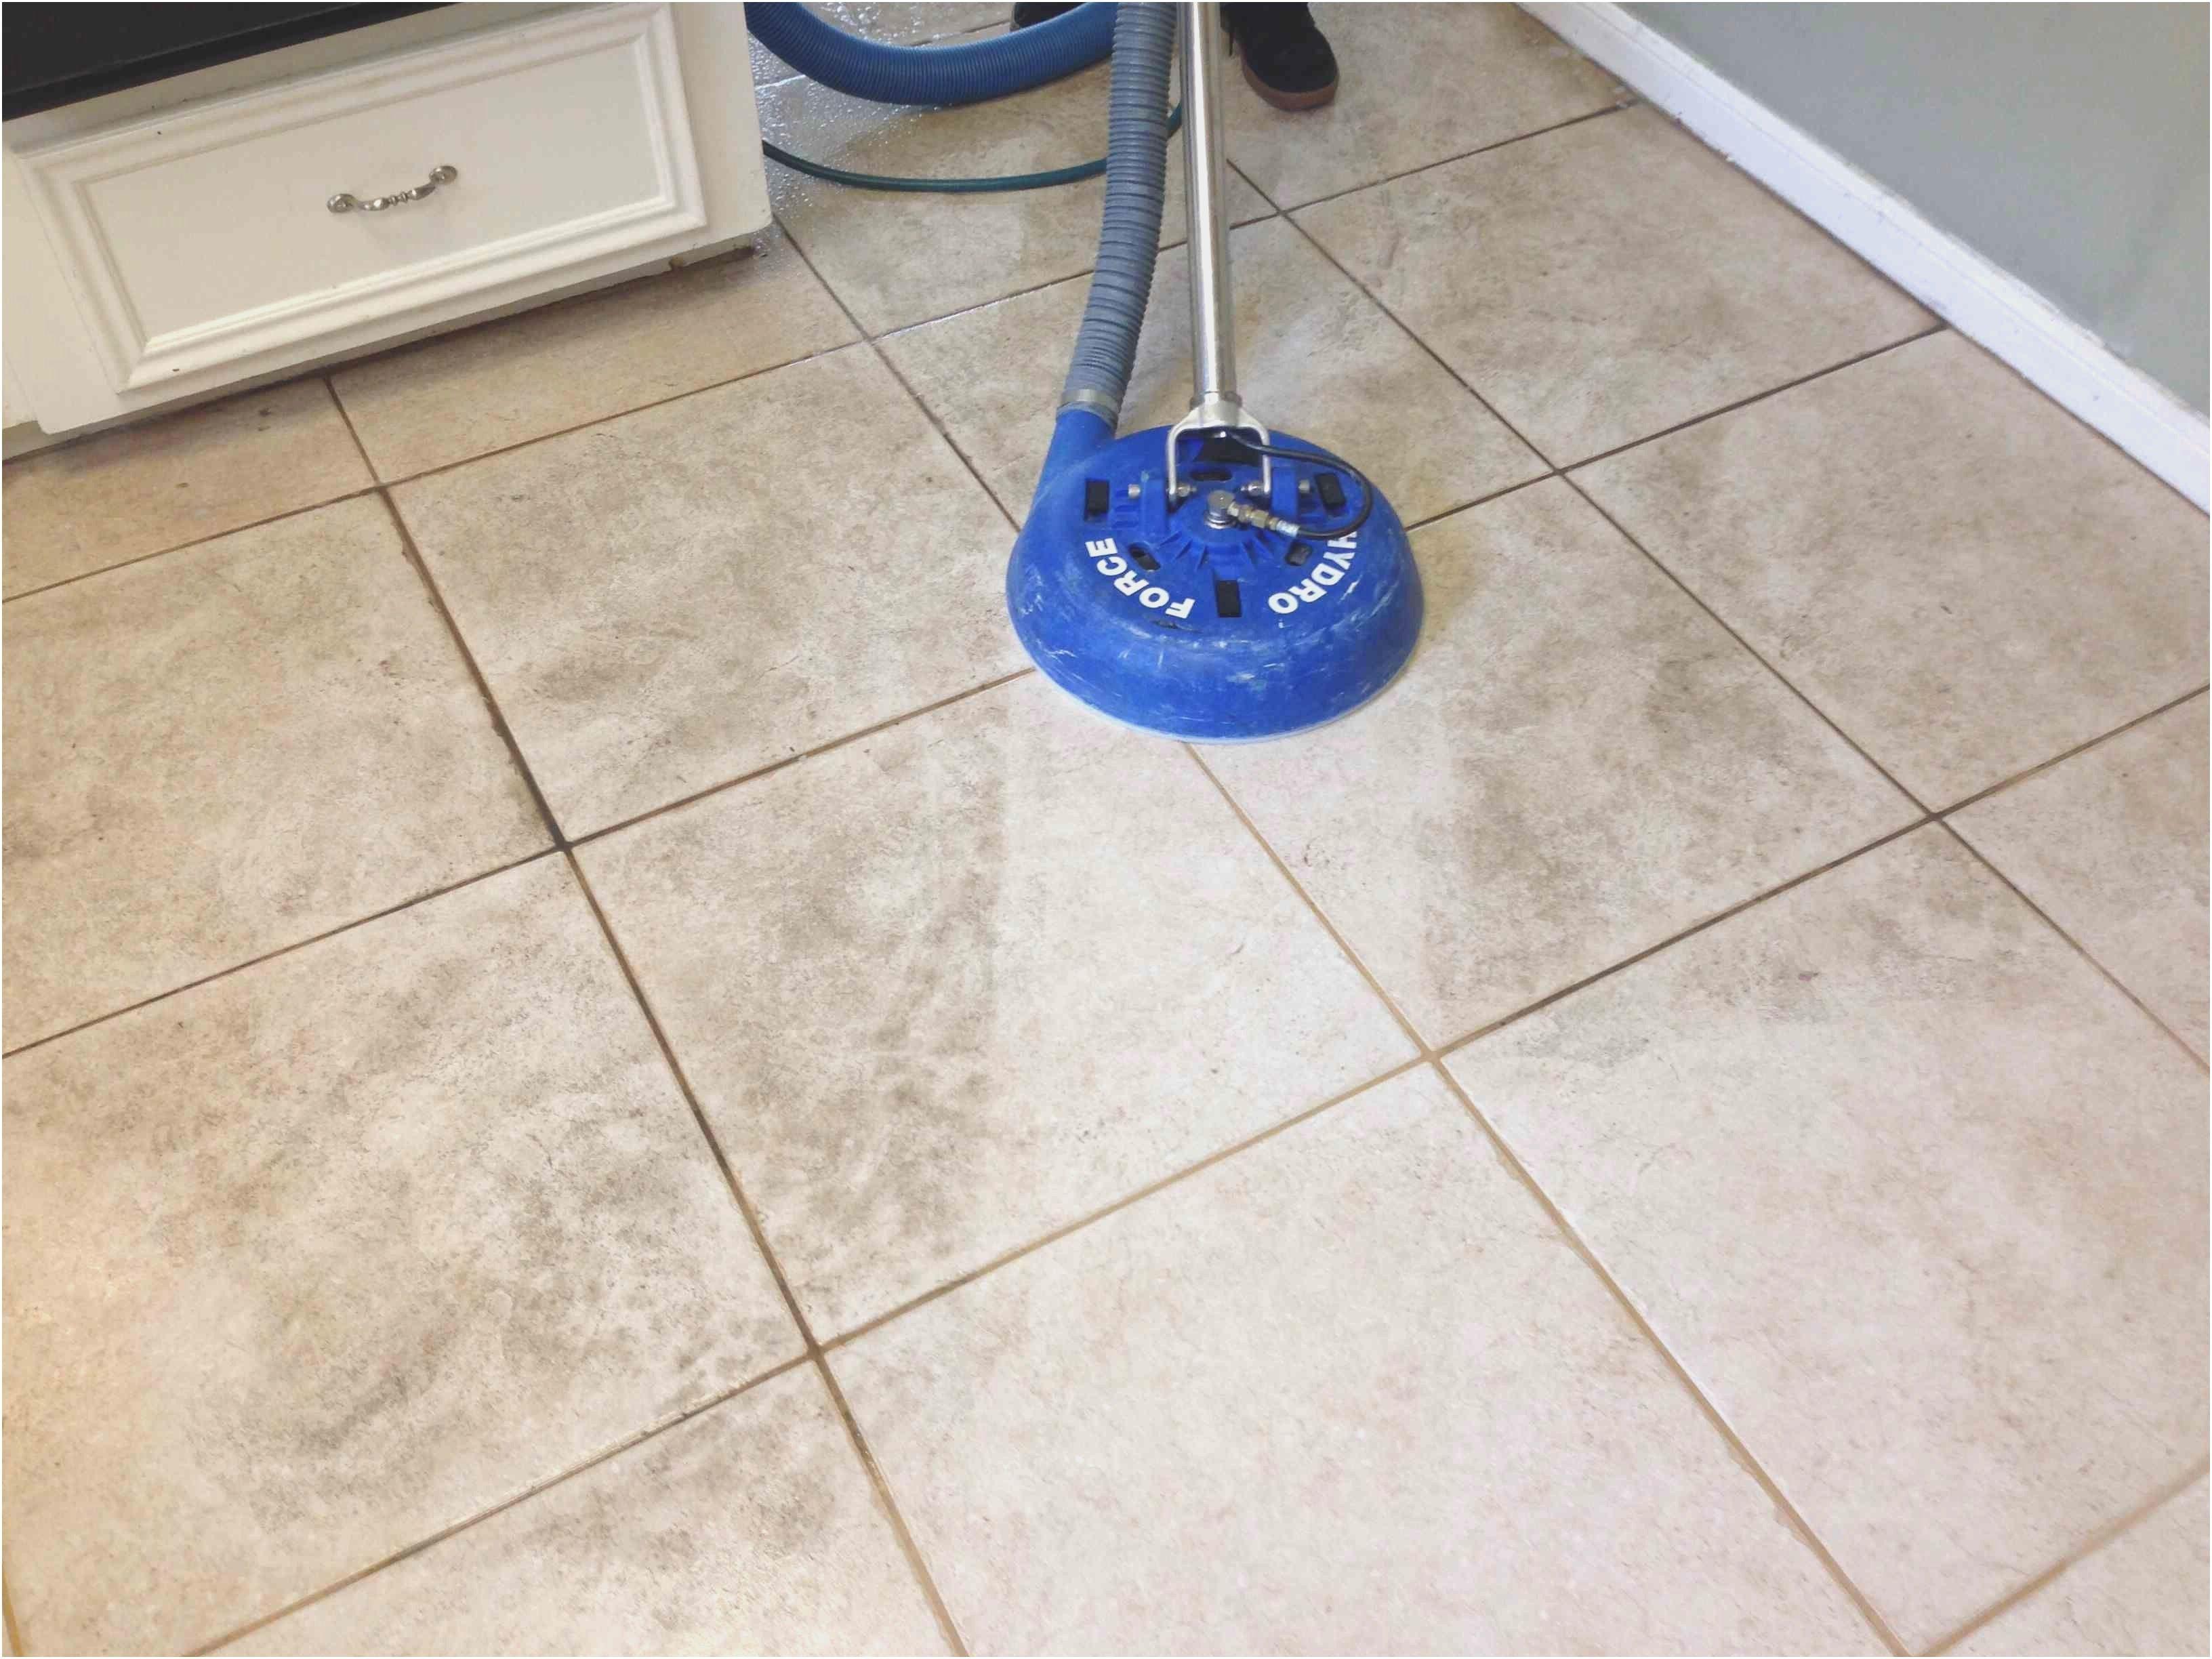 Best Way To Mop Tile Floors Httpnextsoftcom Pinterest - Best thing to mop tile floors with